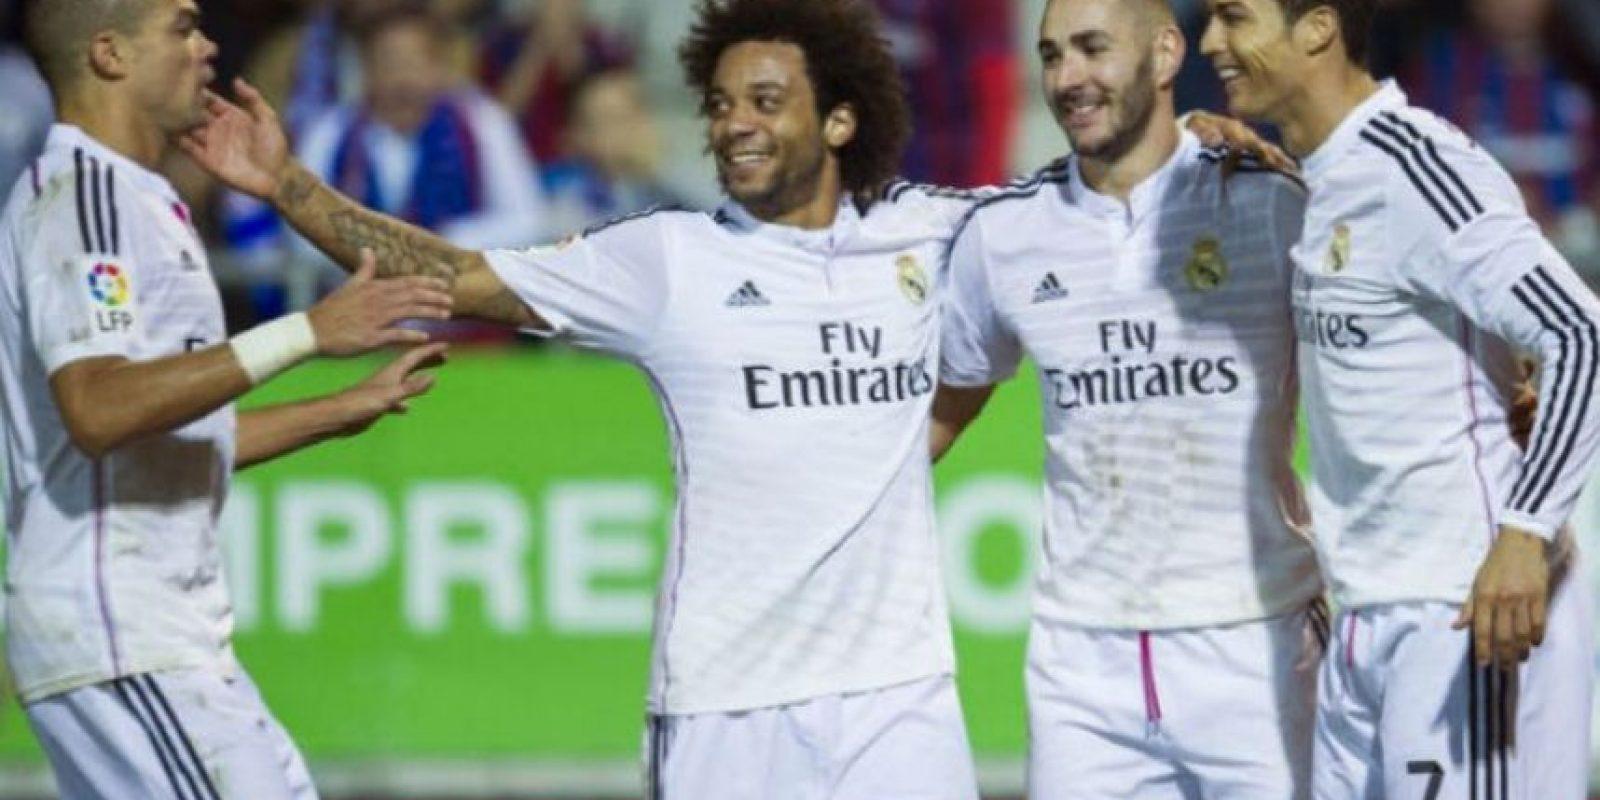 Los blancos llegaron a 19 victorias; es el club español con mejor racha de triunfos de todos los tiempos Foto:Getty